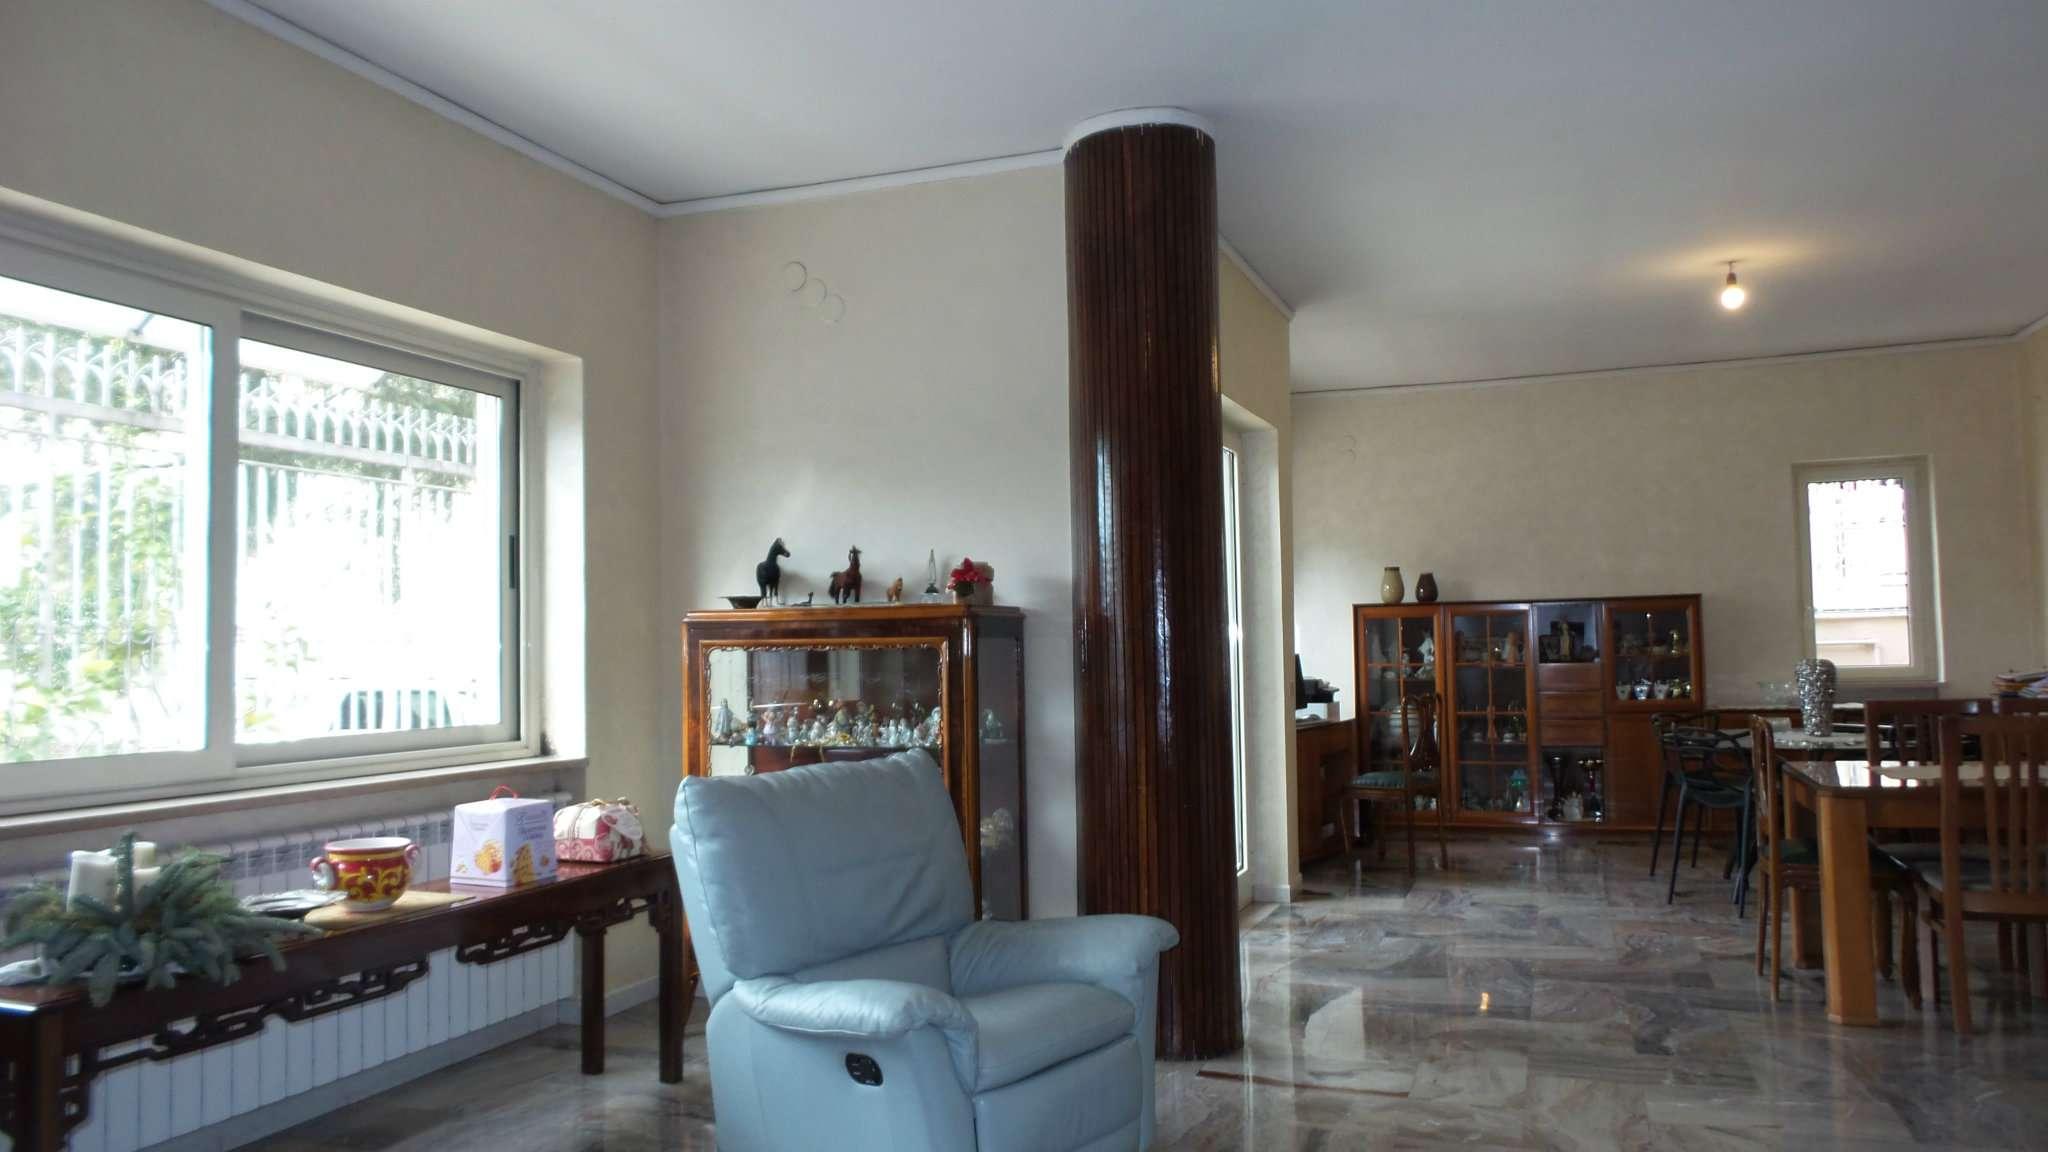 Villa in vendita a Frattamaggiore, 9999 locali, Trattative riservate | CambioCasa.it